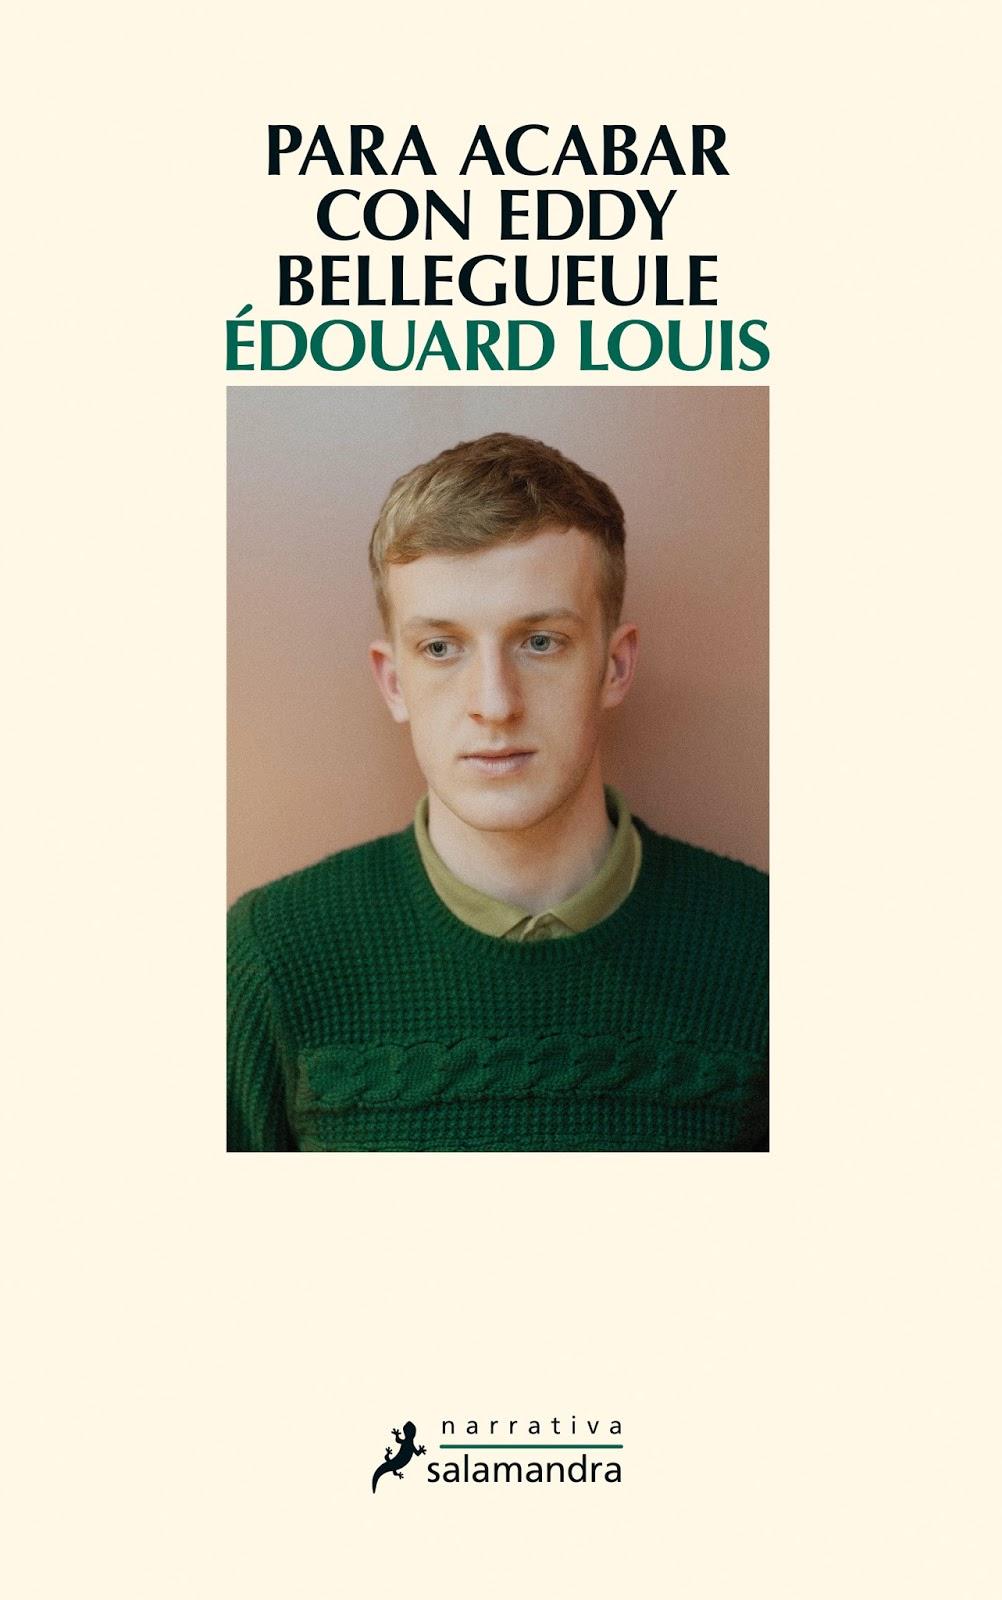 Una novela autobiográfica sobre el acoso homofóbico en la Francia rural.